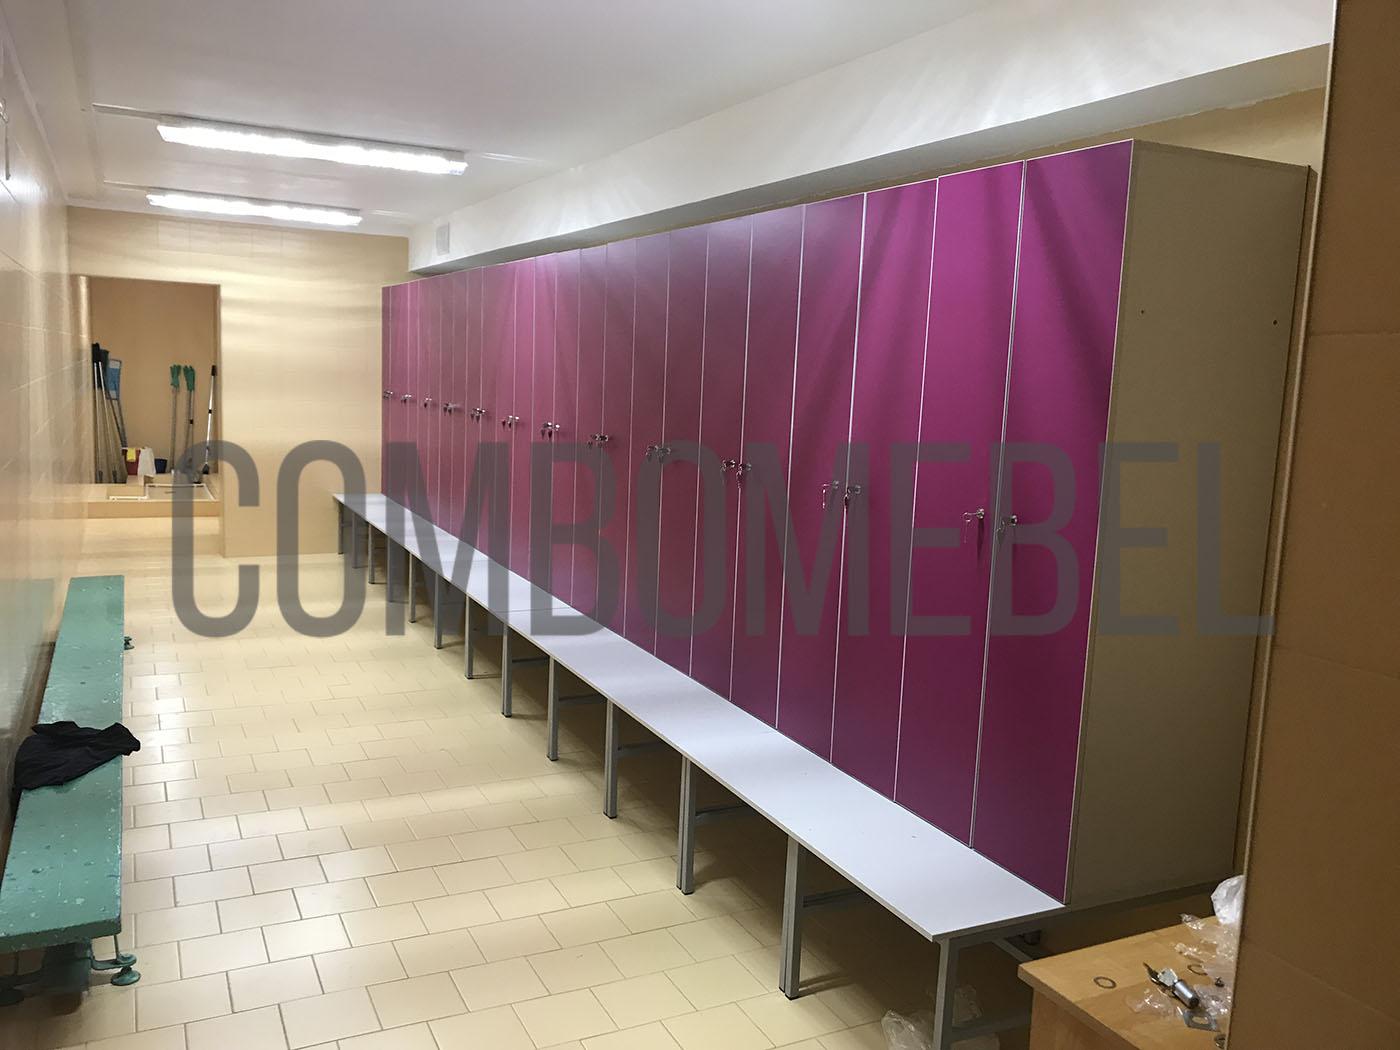 шкафчики Дуэт-МК2 для школы на металлокаркасе во влагостойком исполнении с HPL пластиком